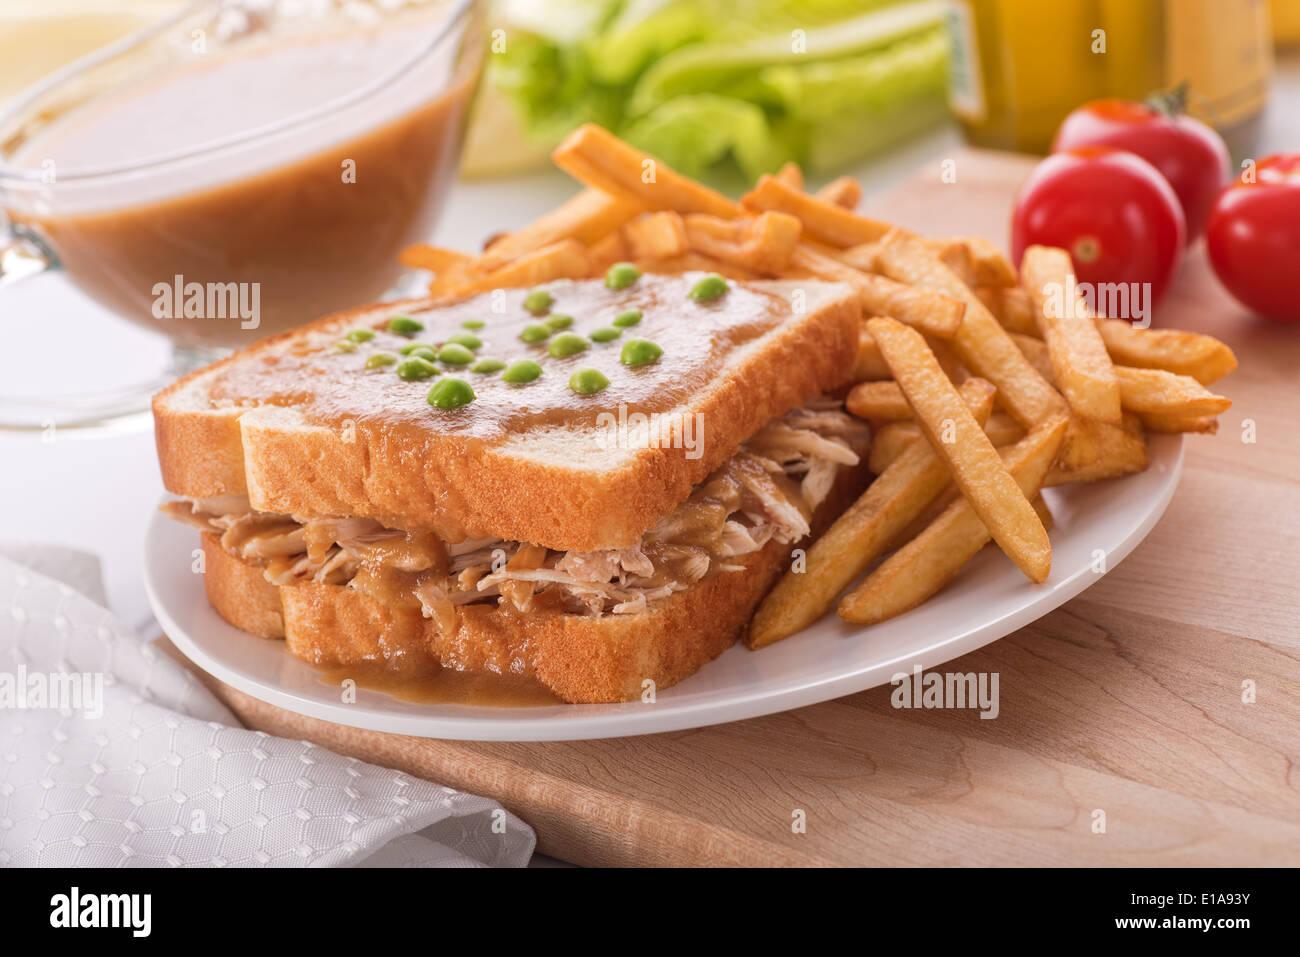 Un delicioso sándwich de pavo con salsa verde, guisantes y patatas fritas. Imagen De Stock